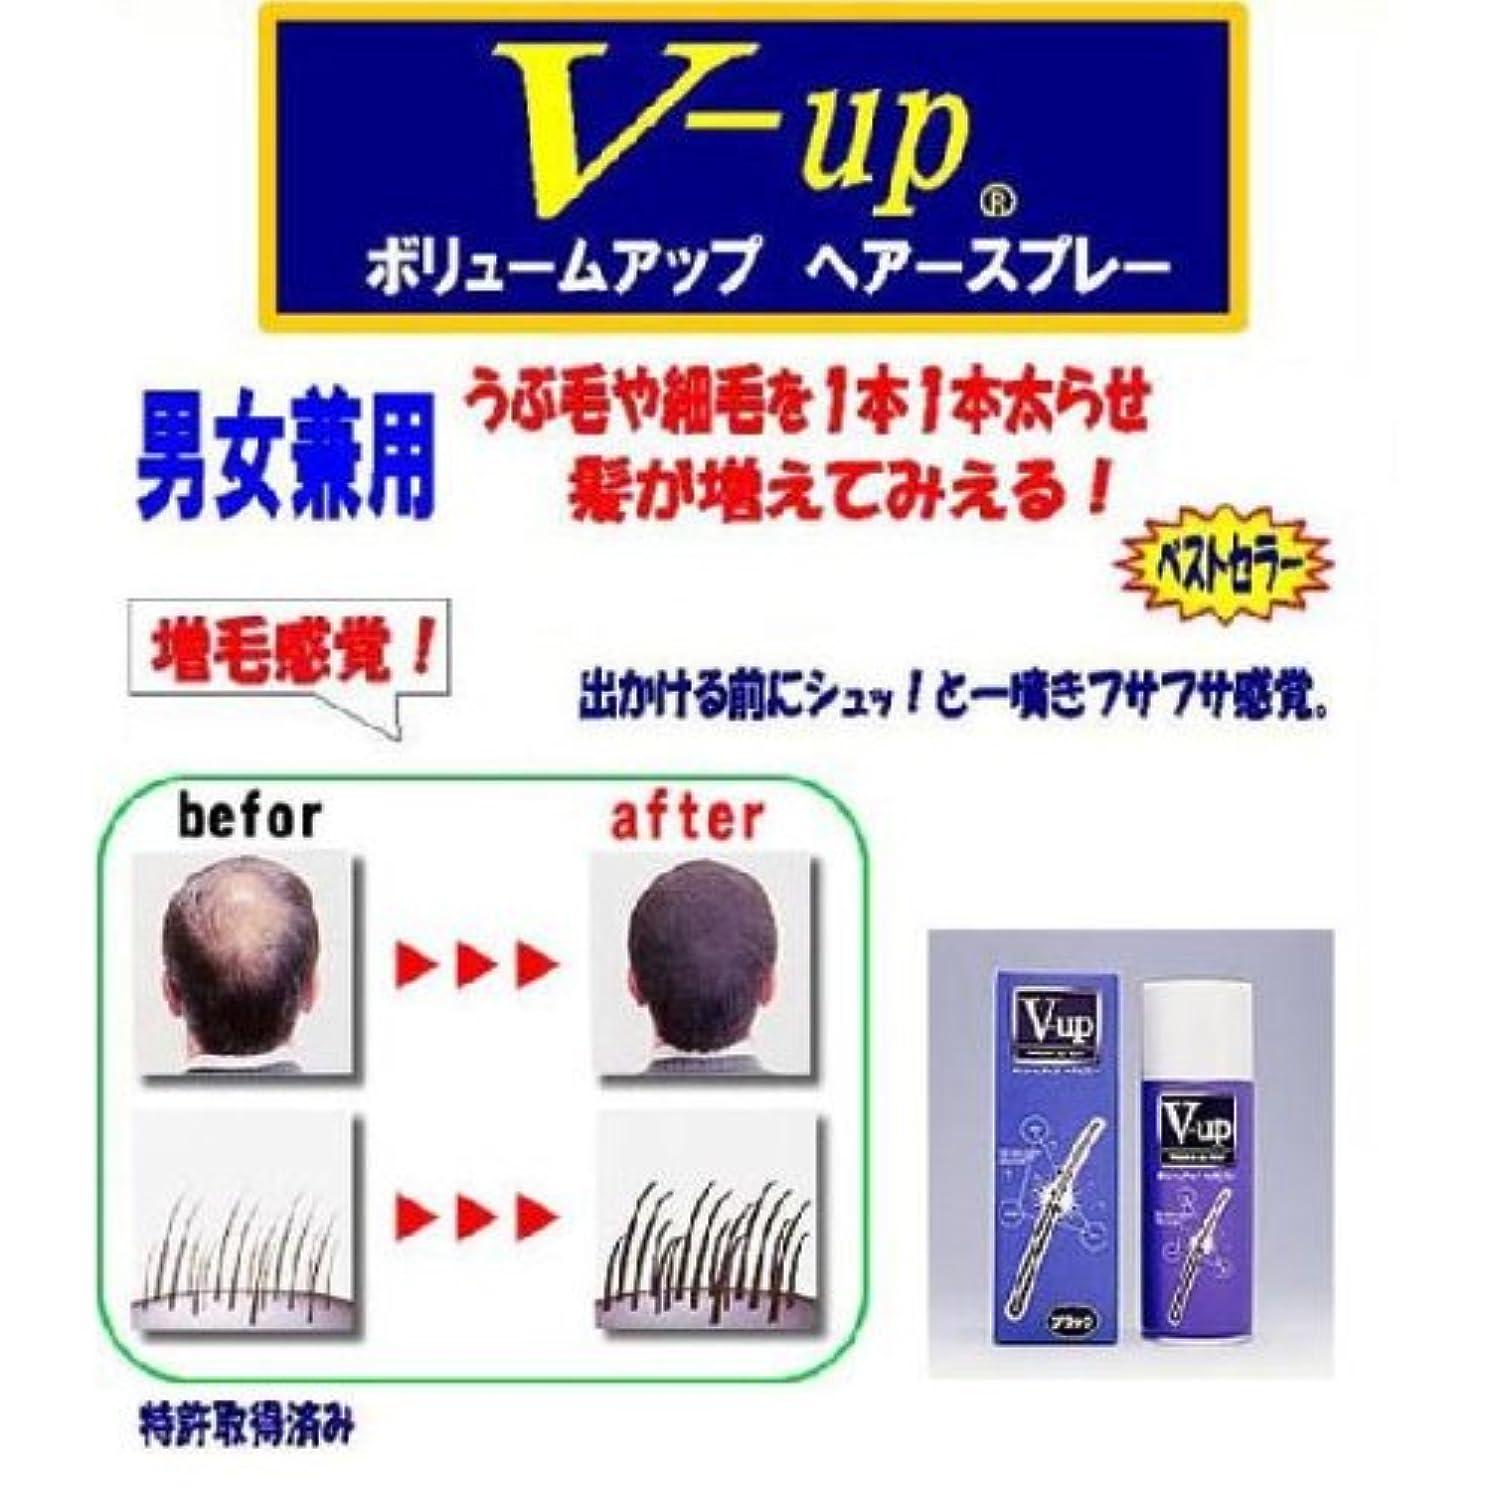 トレイおいしい逆にV-アップヘアスプレー200g【カラー:ダークブラウン】